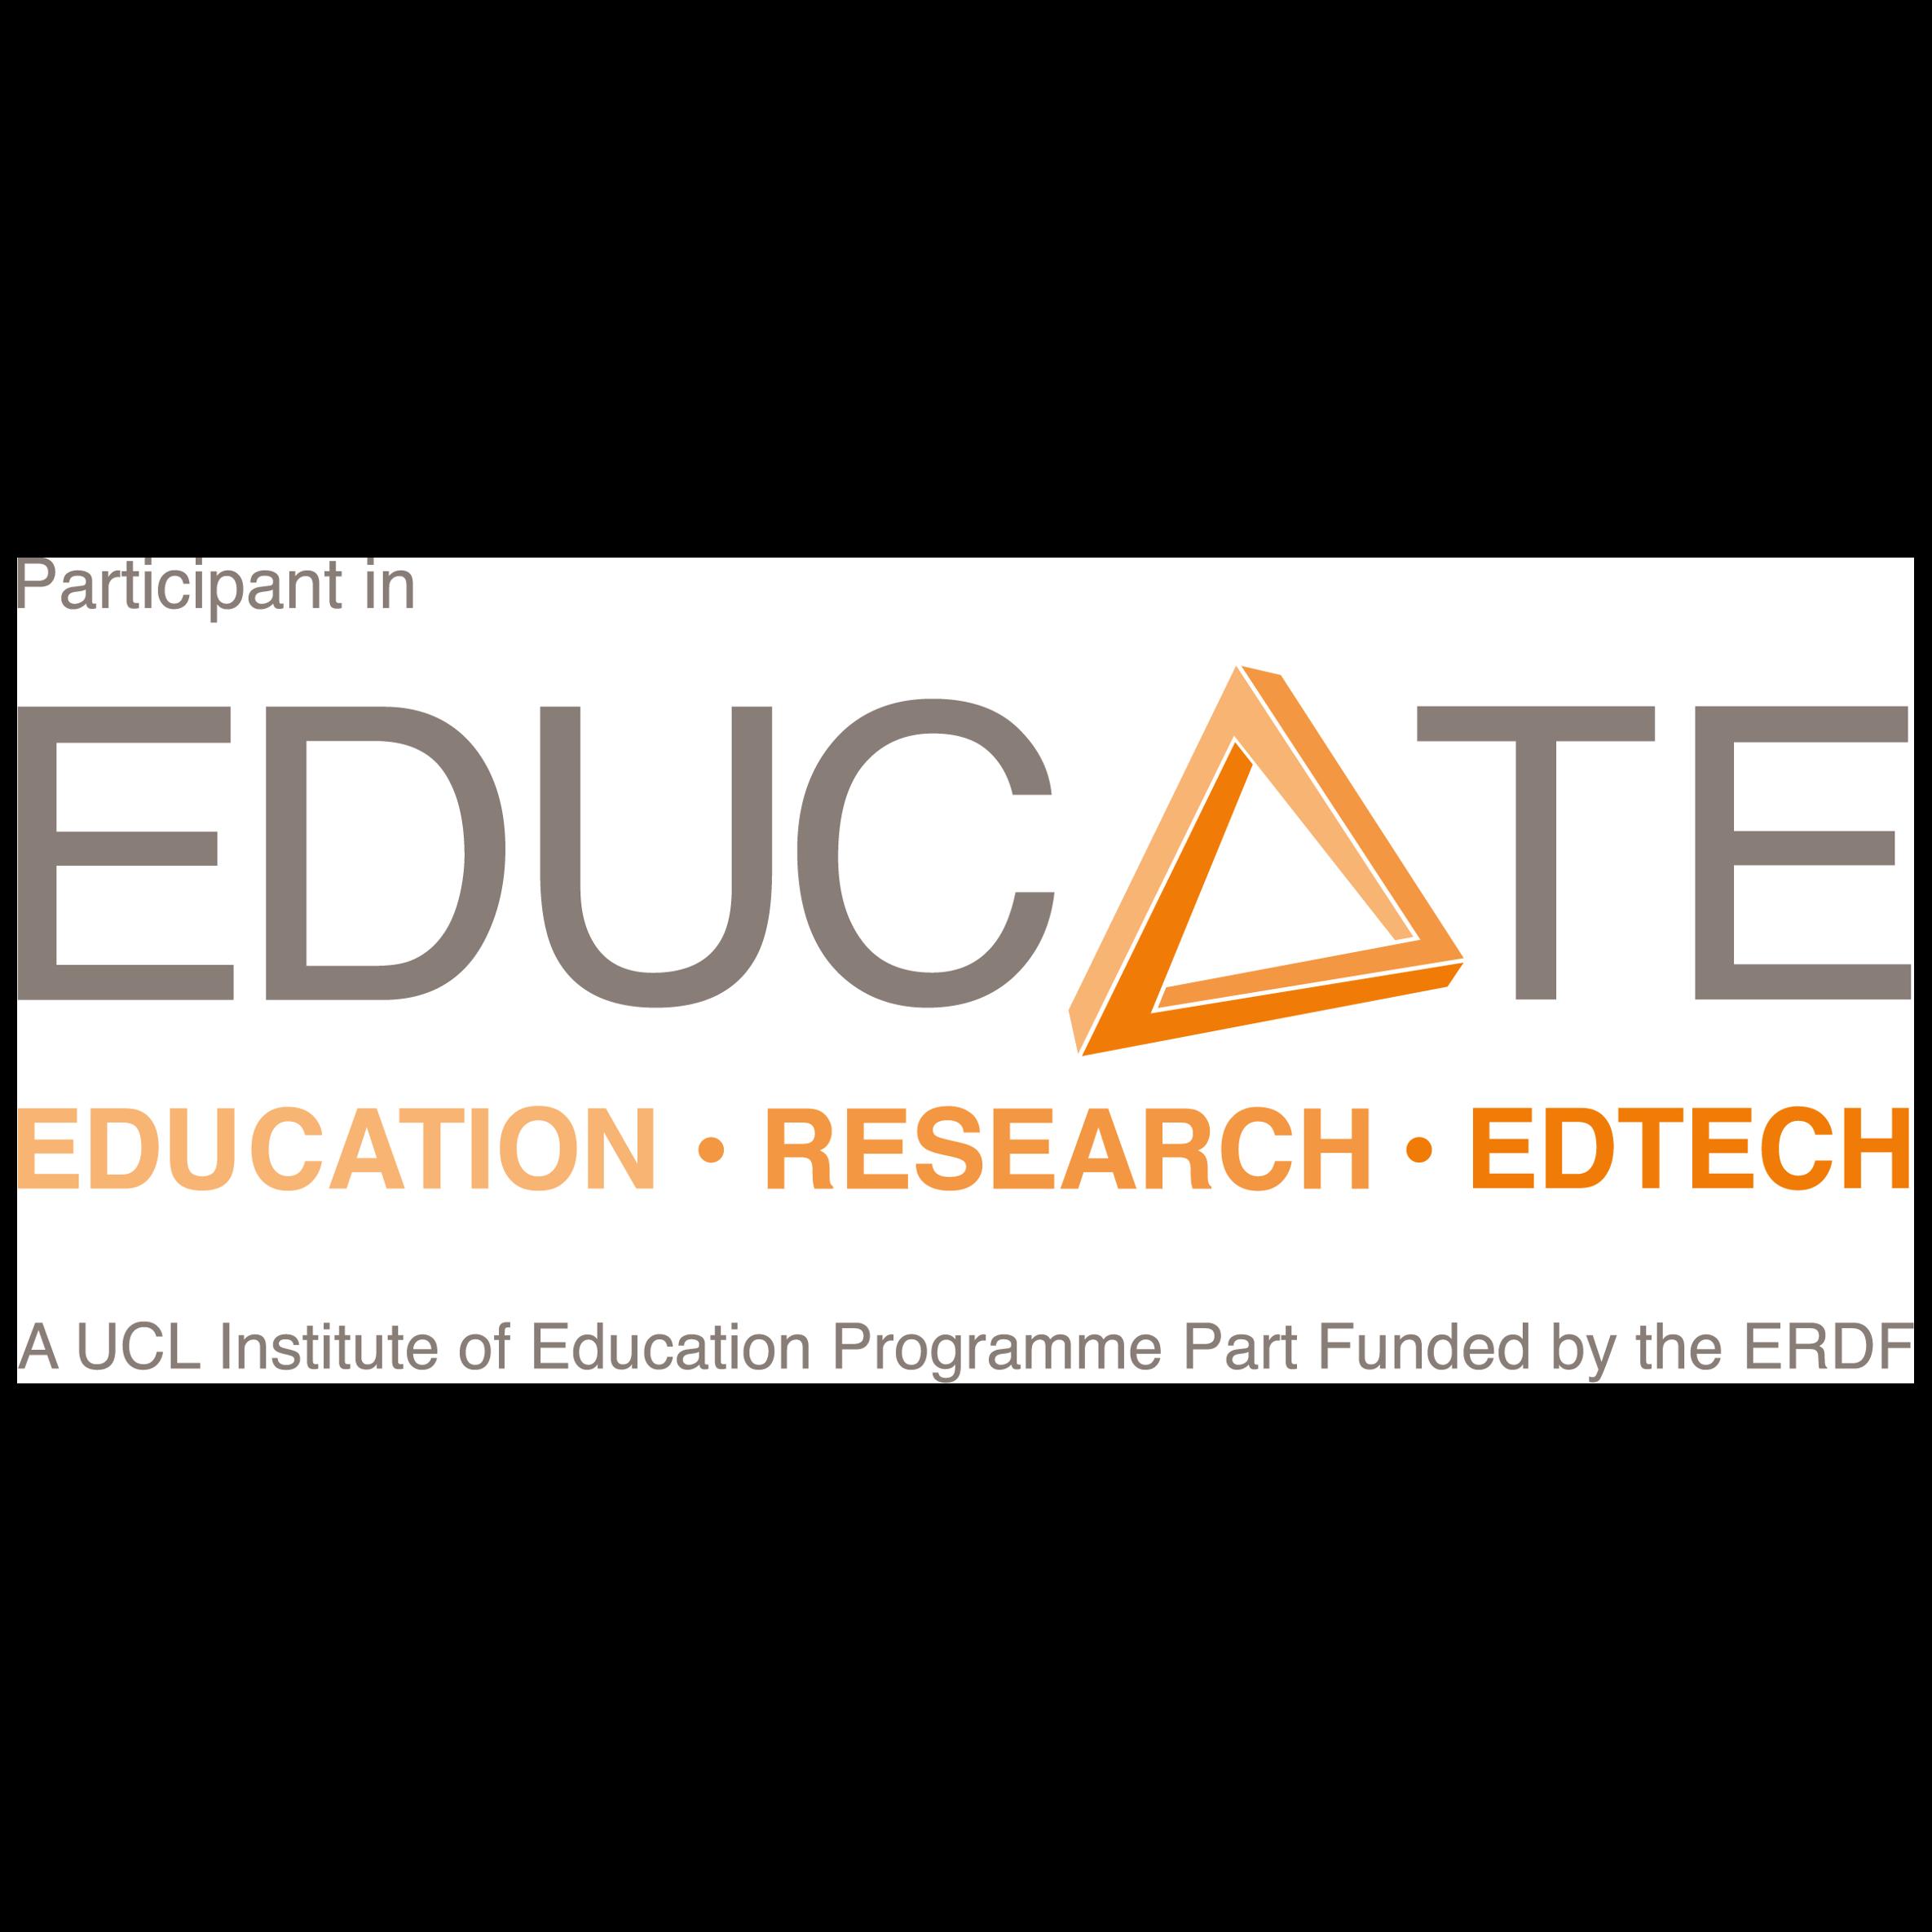 educate logo.png